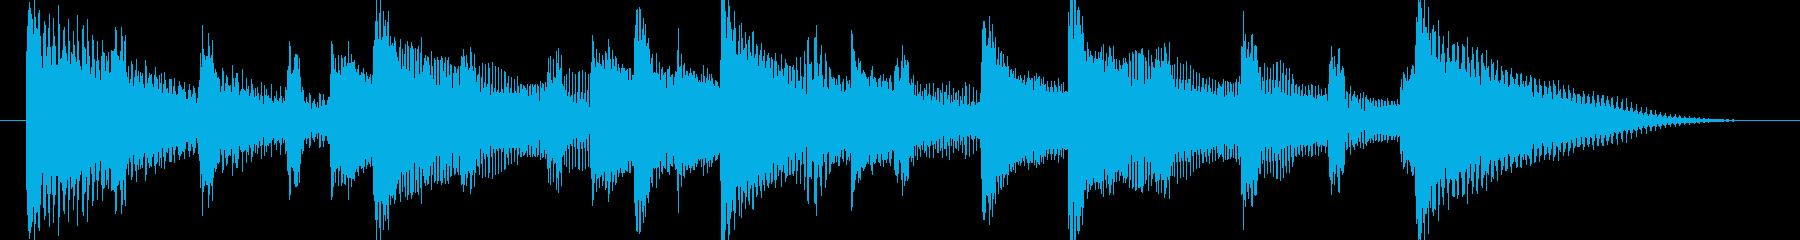 和む、でも少しクールなBGM-バンパーの再生済みの波形